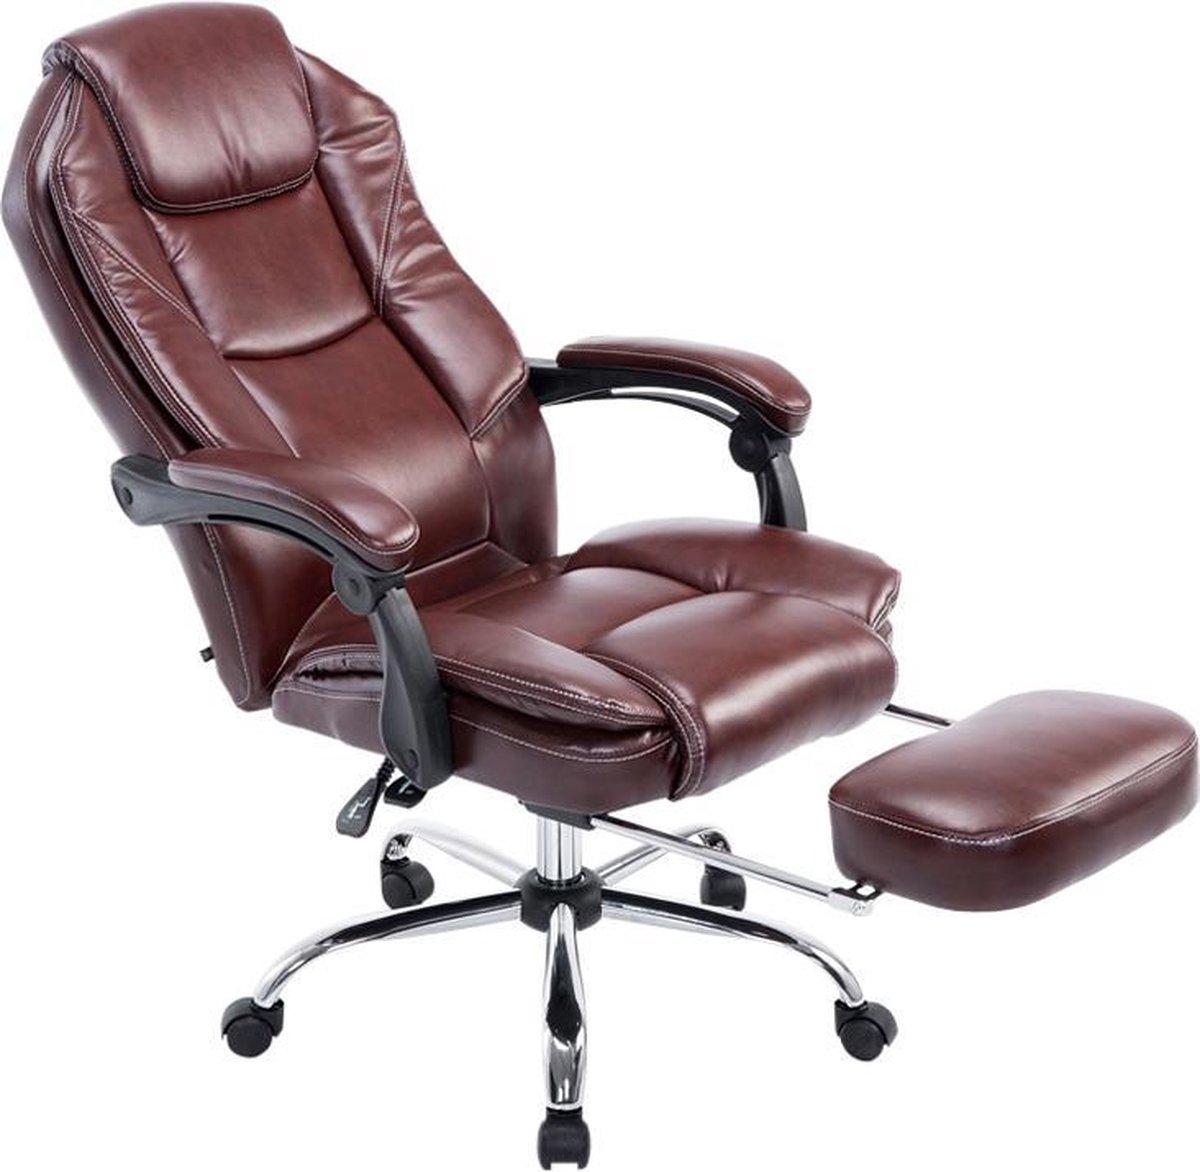 Bureaustoel - Ergonomische bureaustoel - Voetensteun - Kunstleer - Bordeaux - 64x67x114 cm